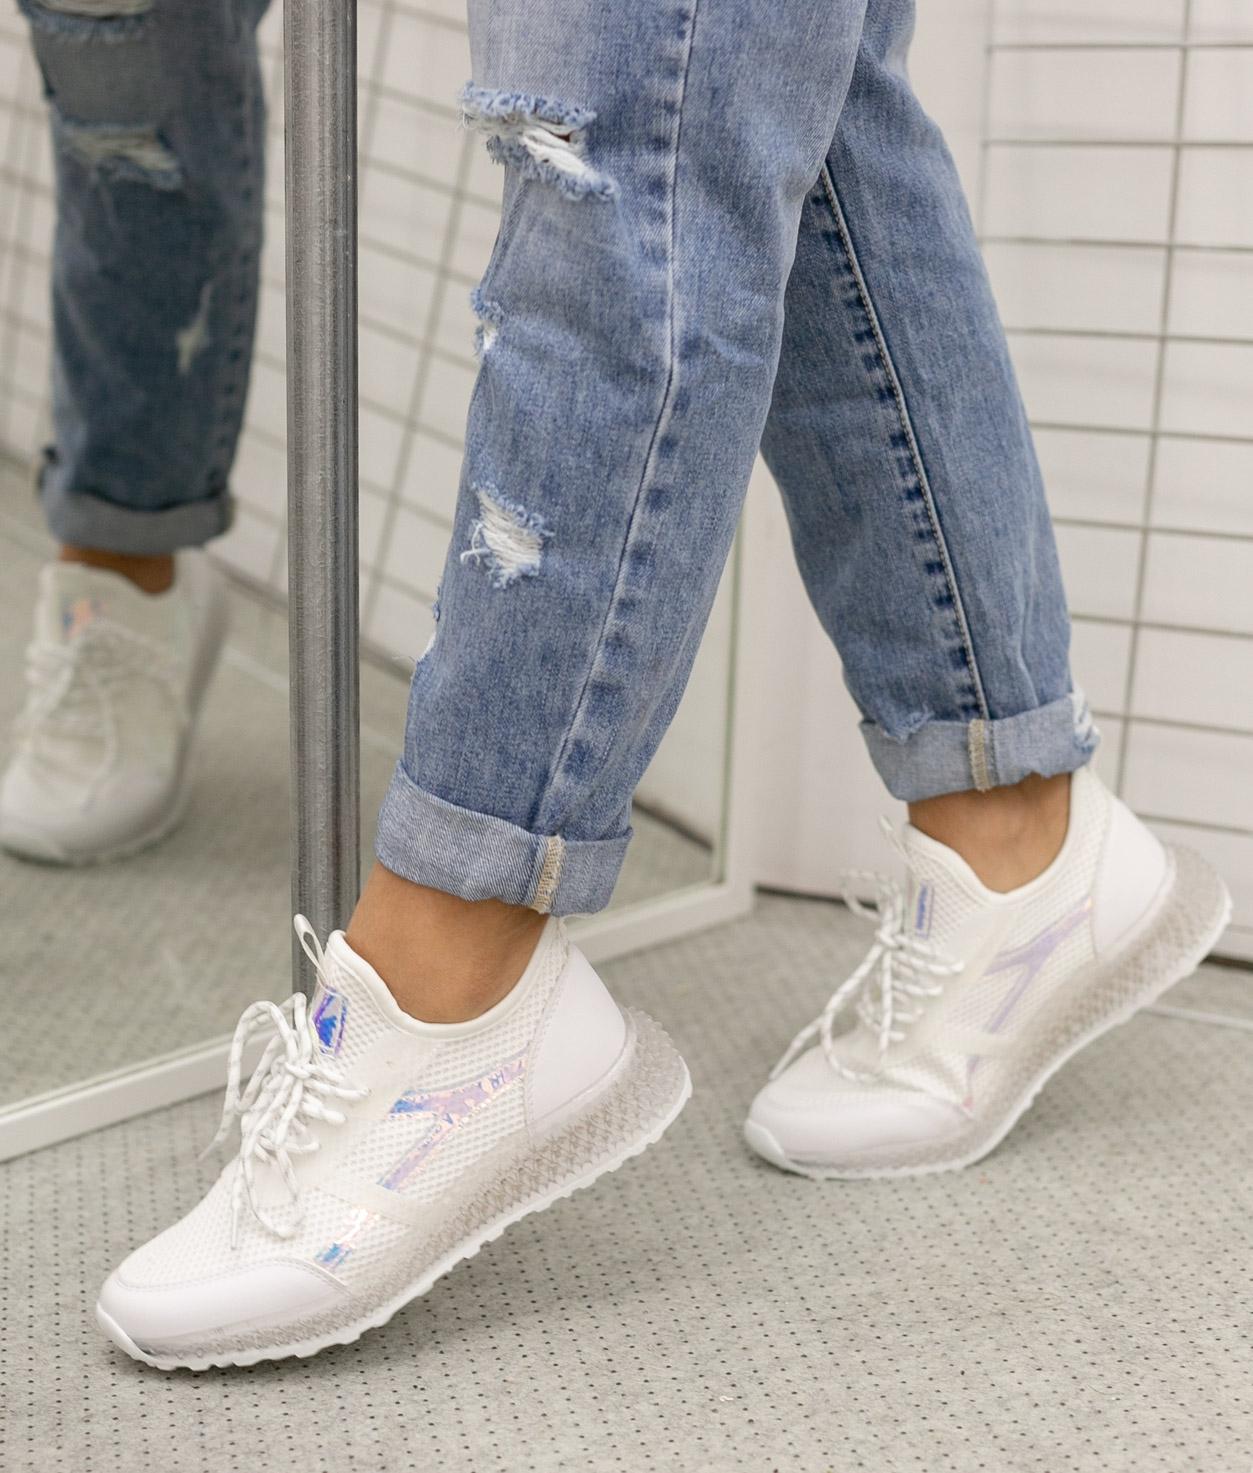 Sneakers Parsin - Branco